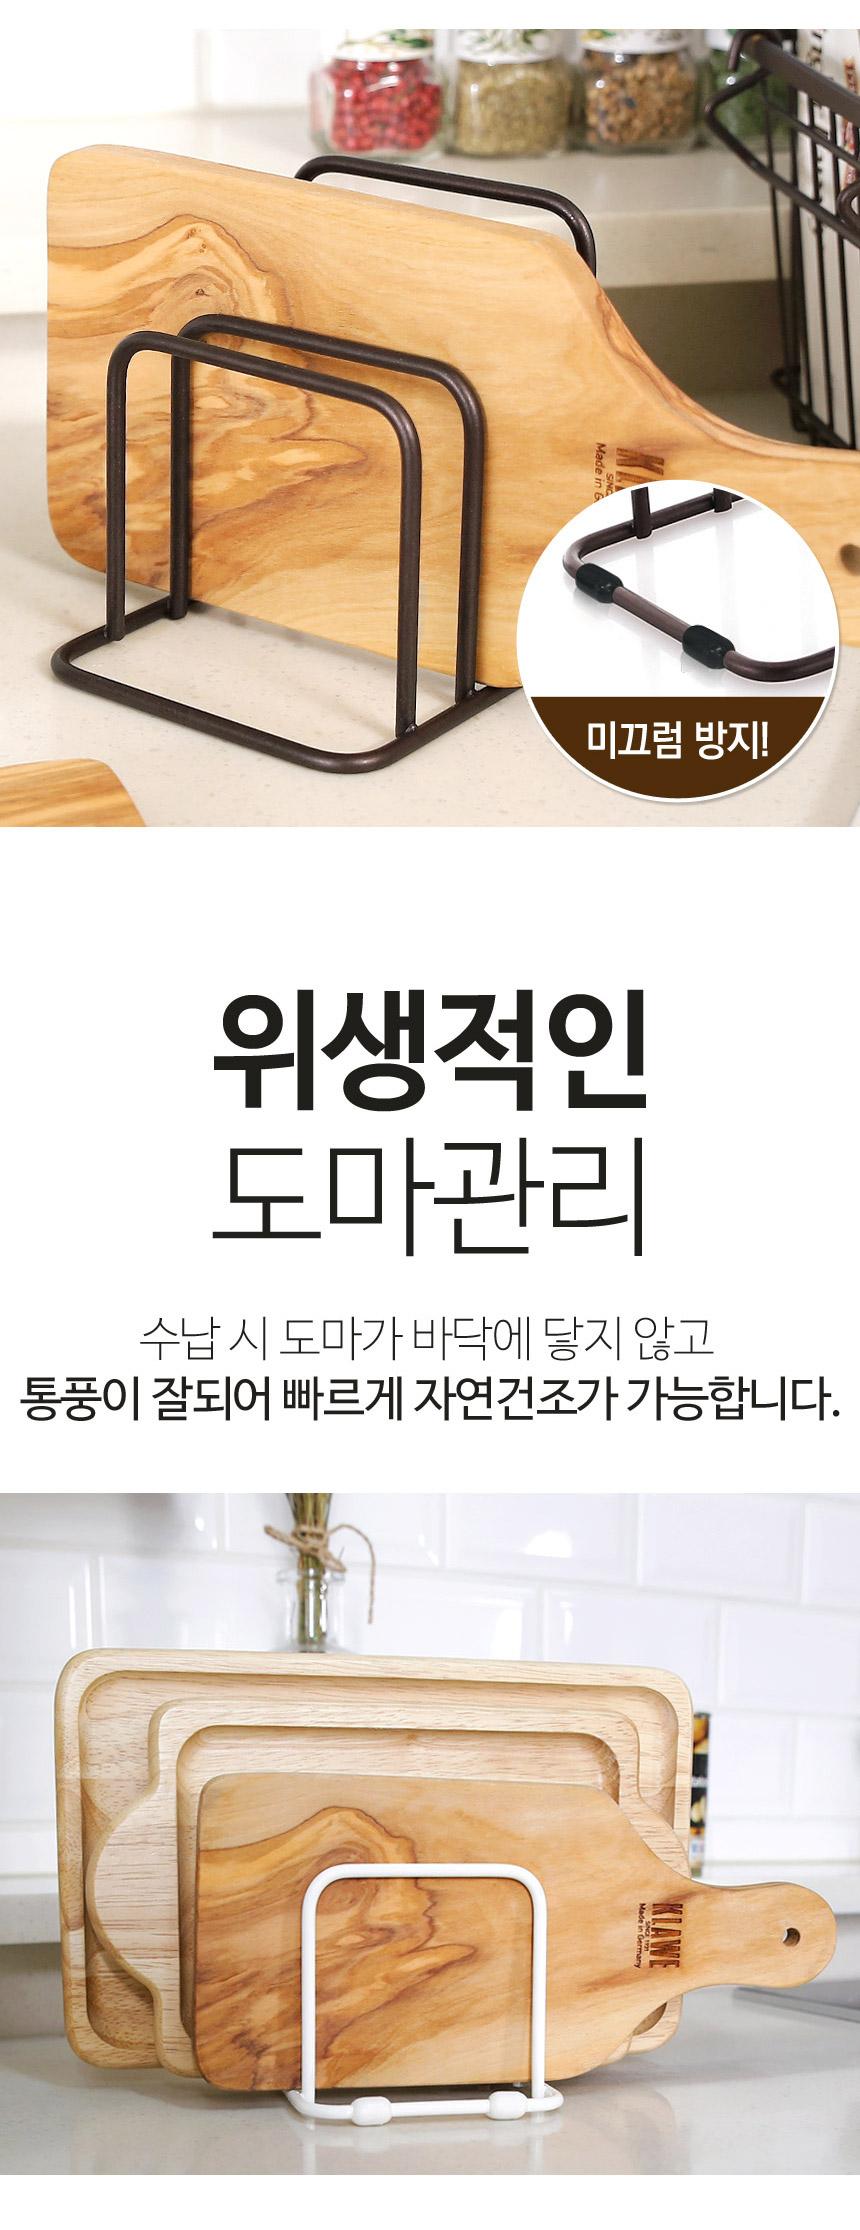 어반심플 3단 도마꽂이 - 더홈, 7,900원, 주방소품, 주방 소모품